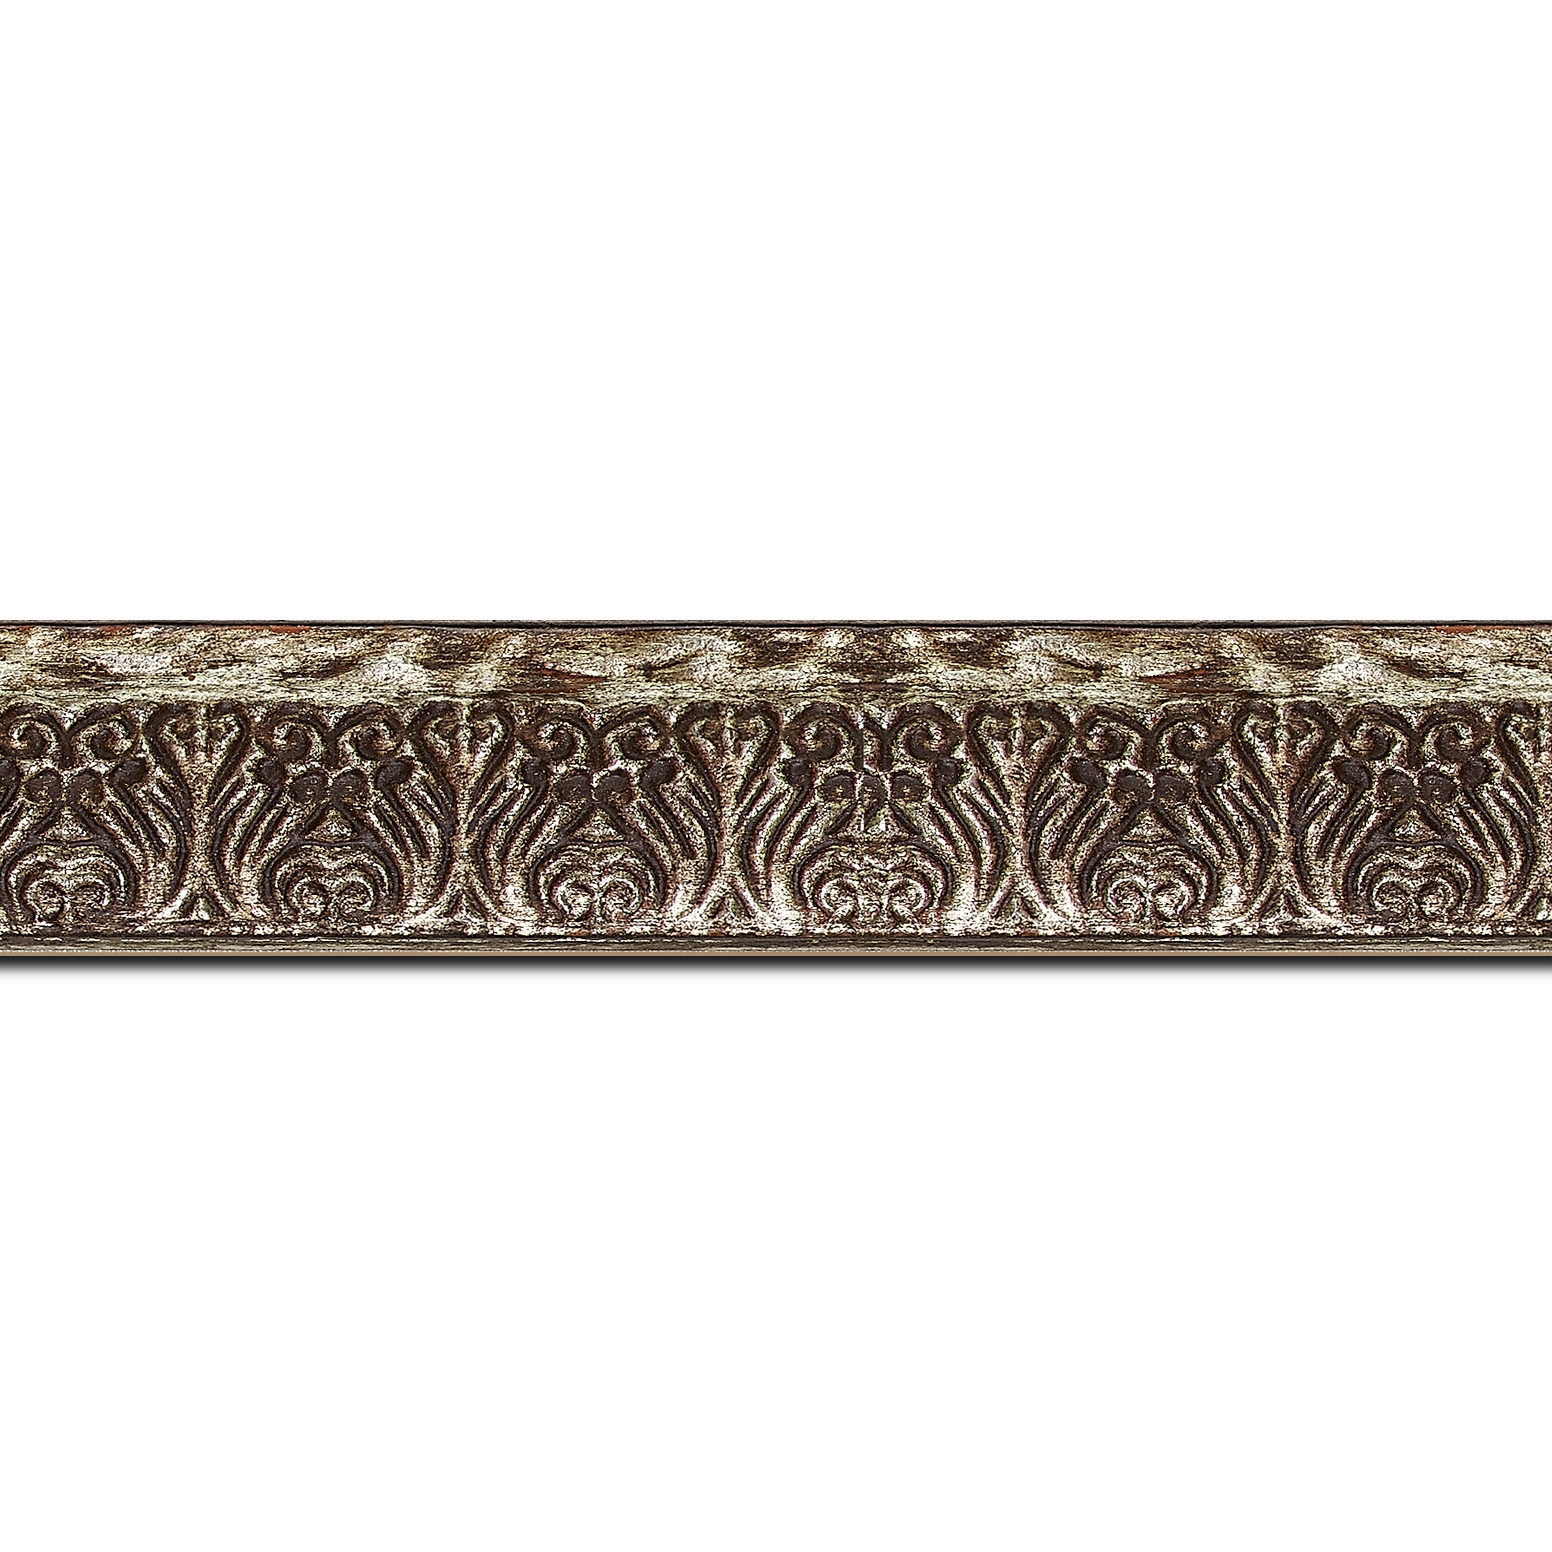 Baguette longueur 1.40m bois profil incurvé largeur 3cm argent chaud antique vieilli à la feuille style